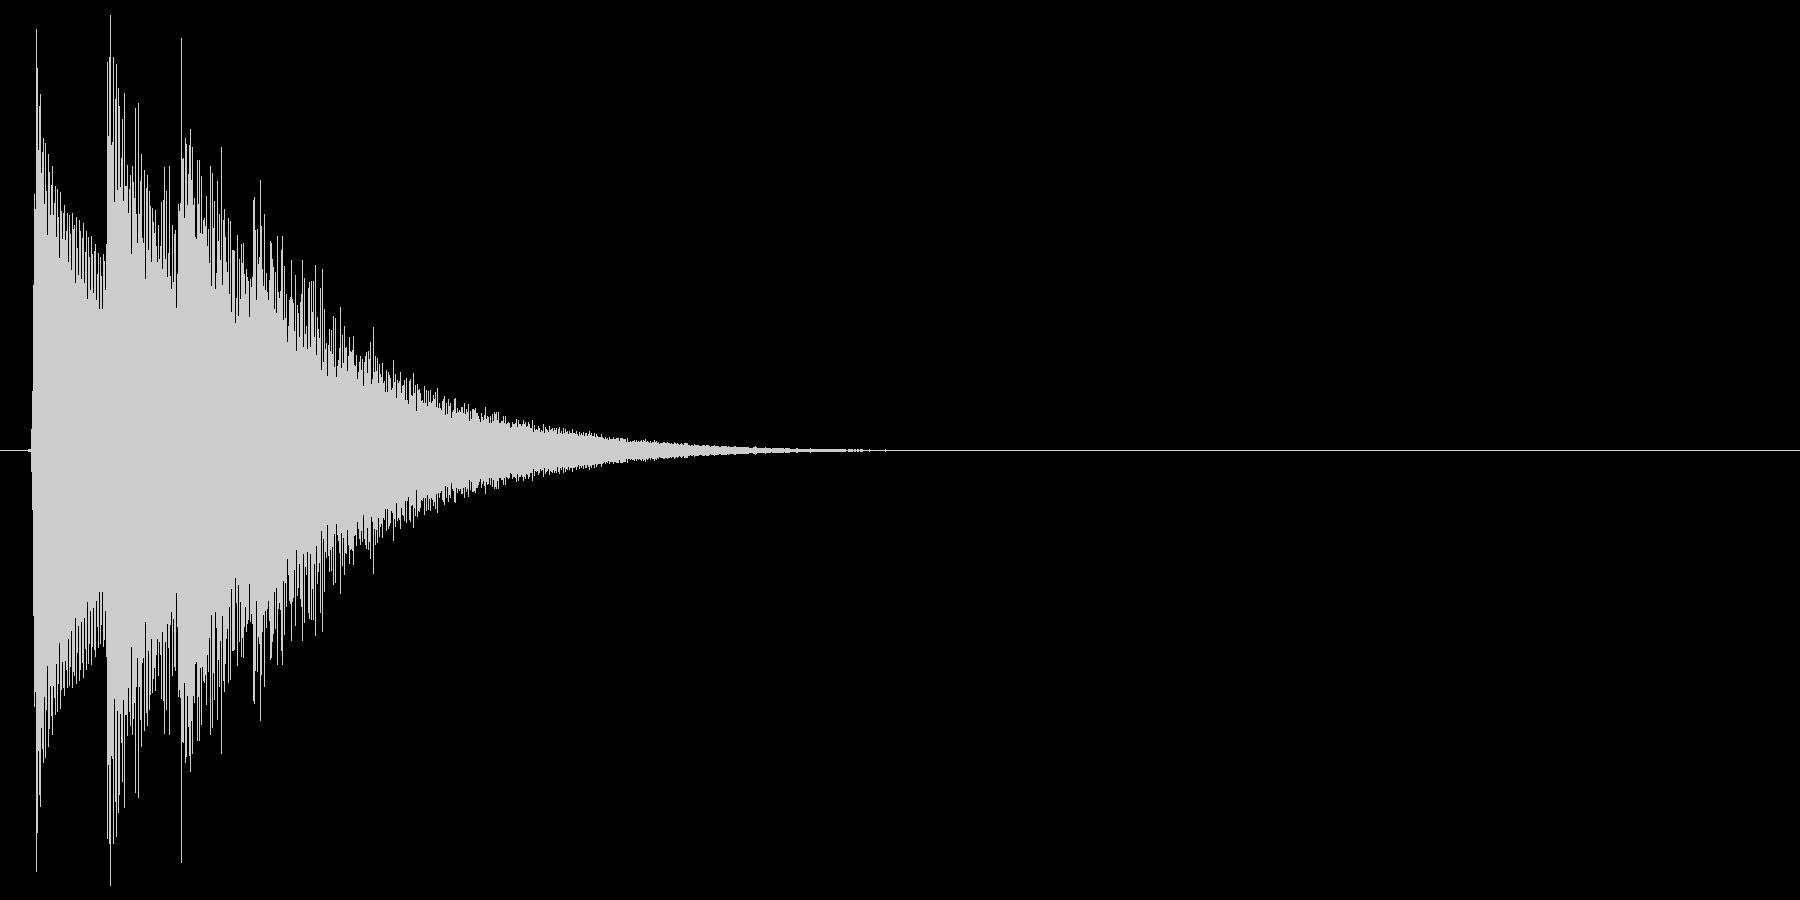 シンプルで汎用的な決定音その1の未再生の波形